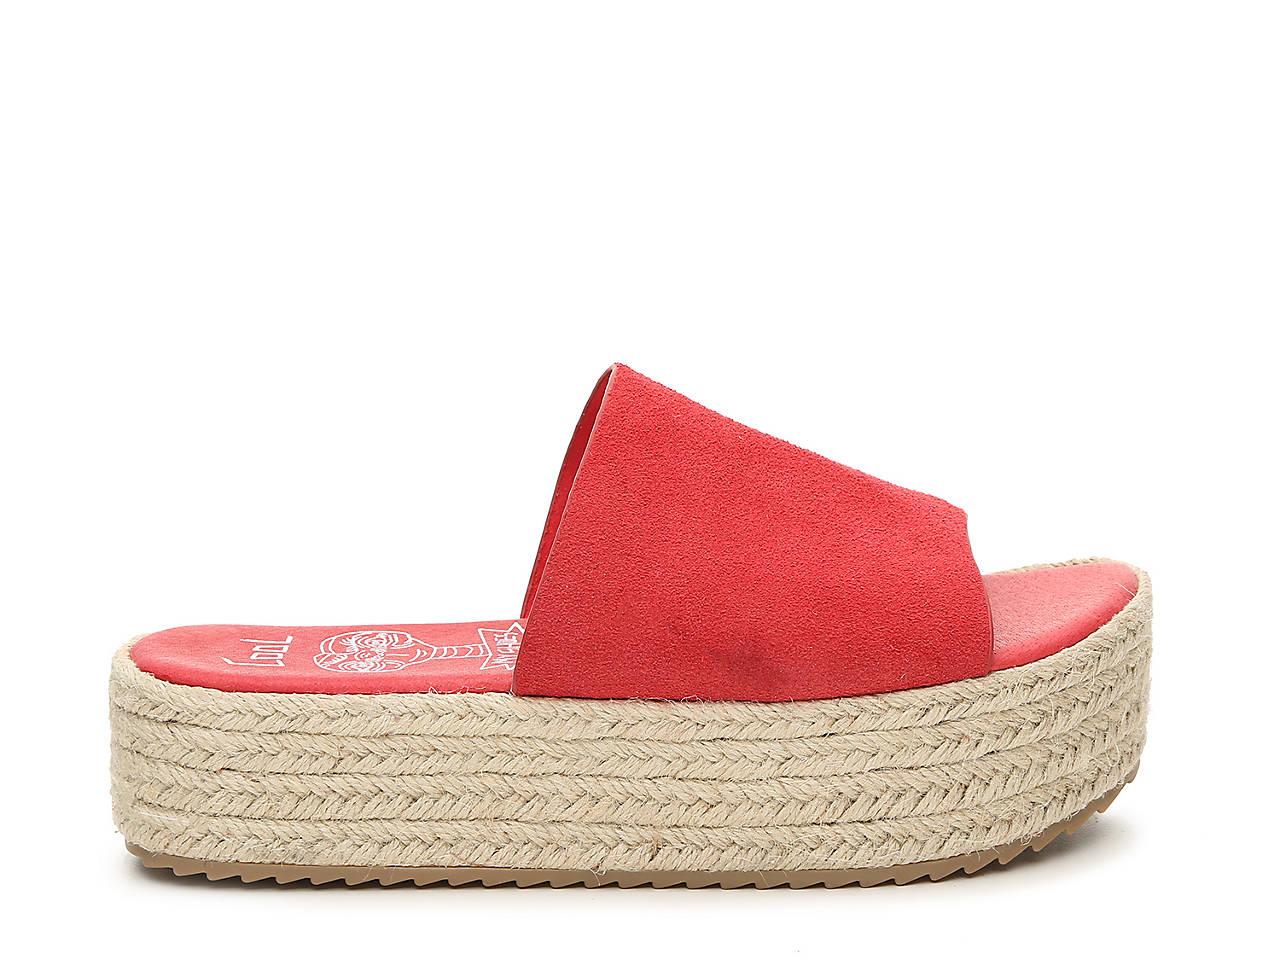 a02c4f3b3d41 Coolway Bory Espadrille Platform Sandal Women s Shoes